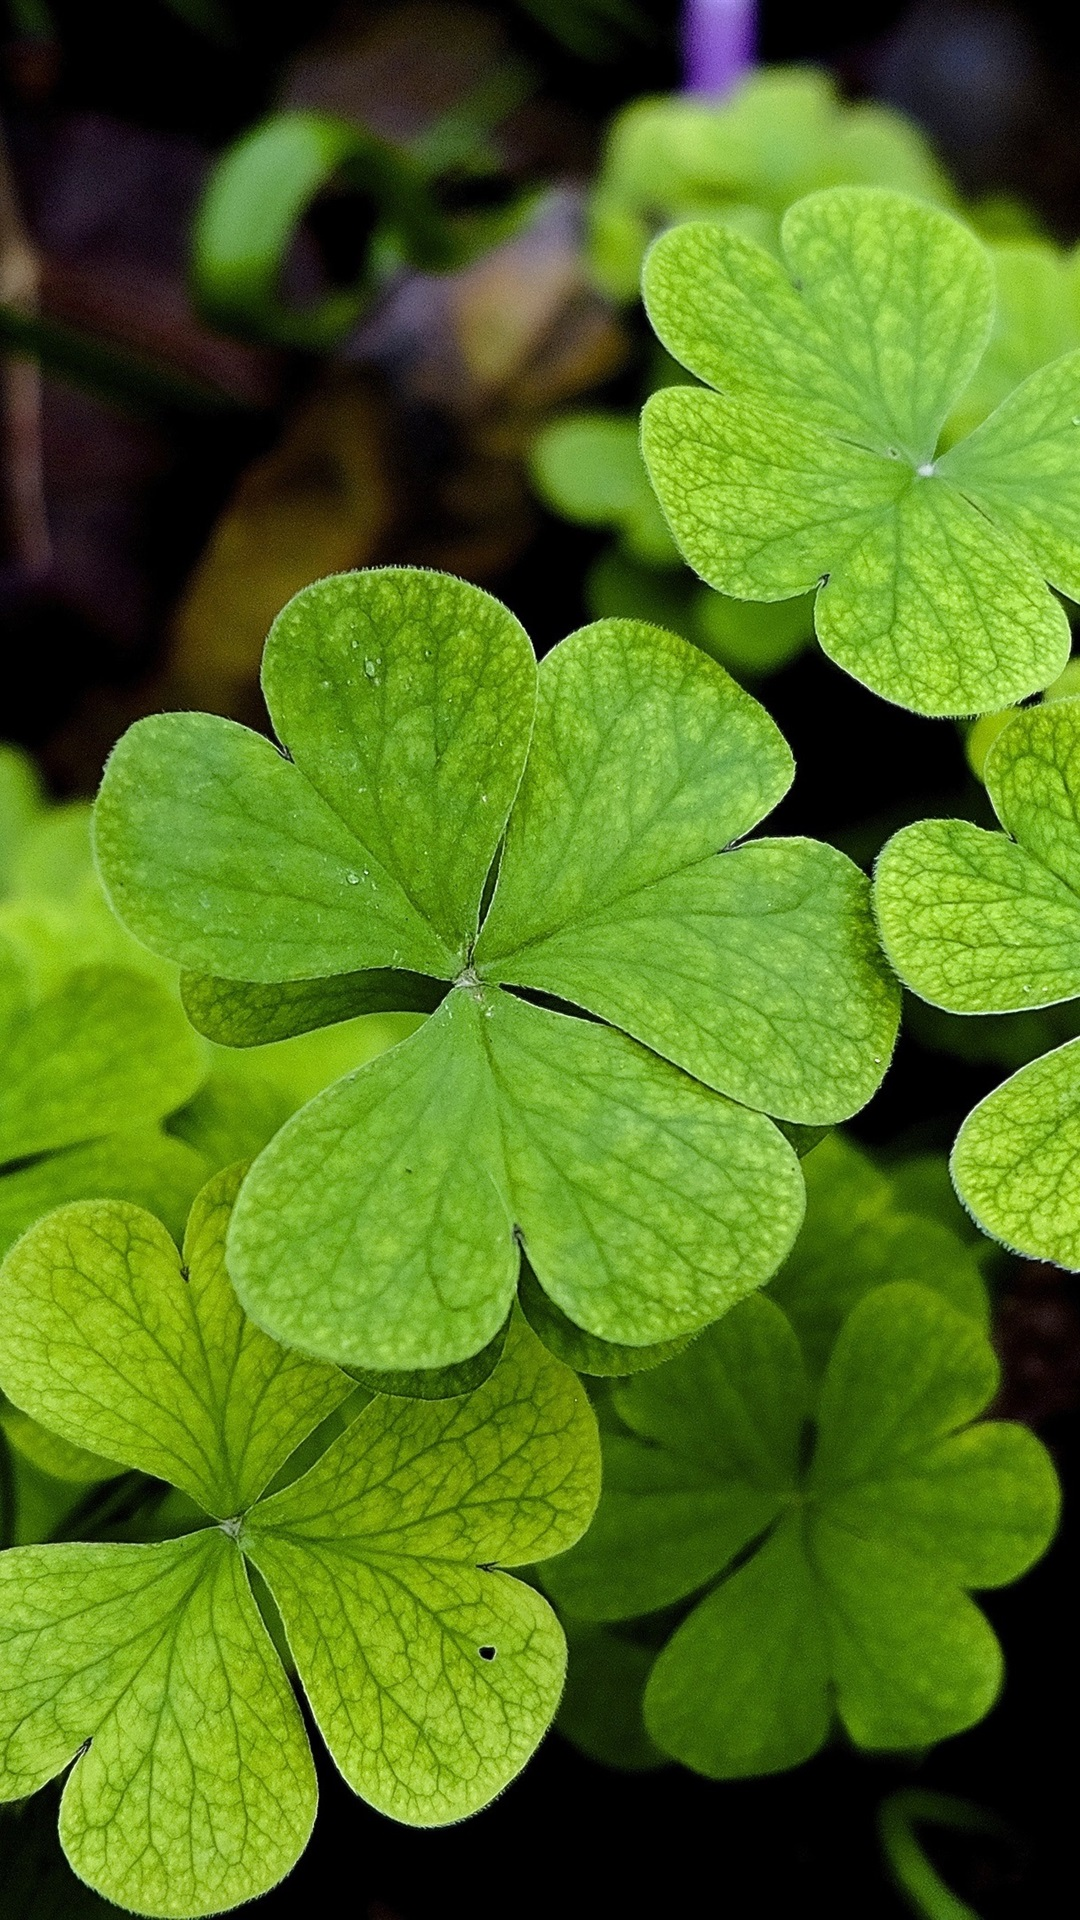 緑の葉 クローバー 植物 1080x1920 Iphone 8 7 6 6s Plus 壁紙 背景